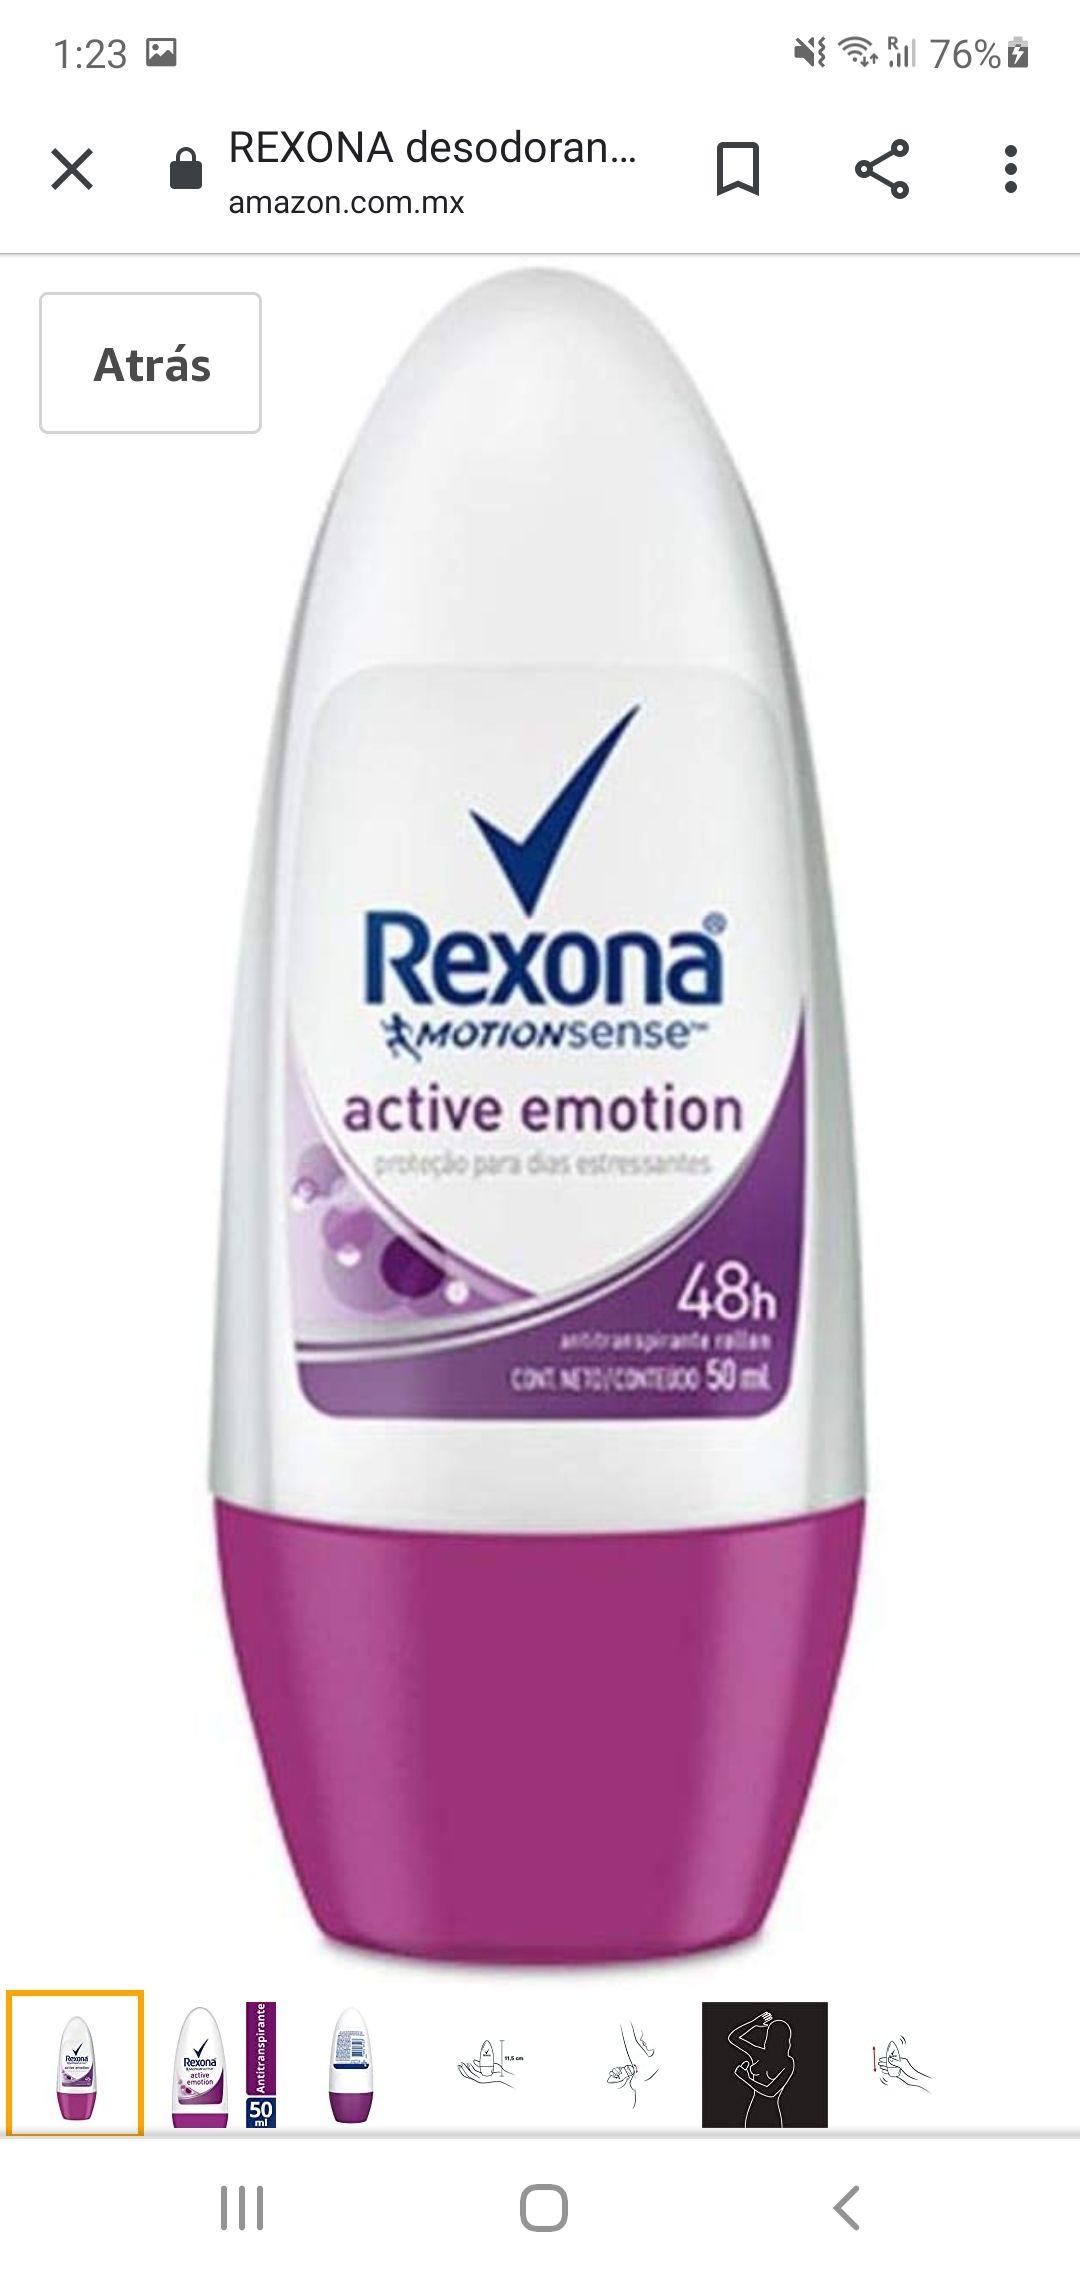 Amazon desodorante rexona active emotion 50ml ( con planea y ahorra )